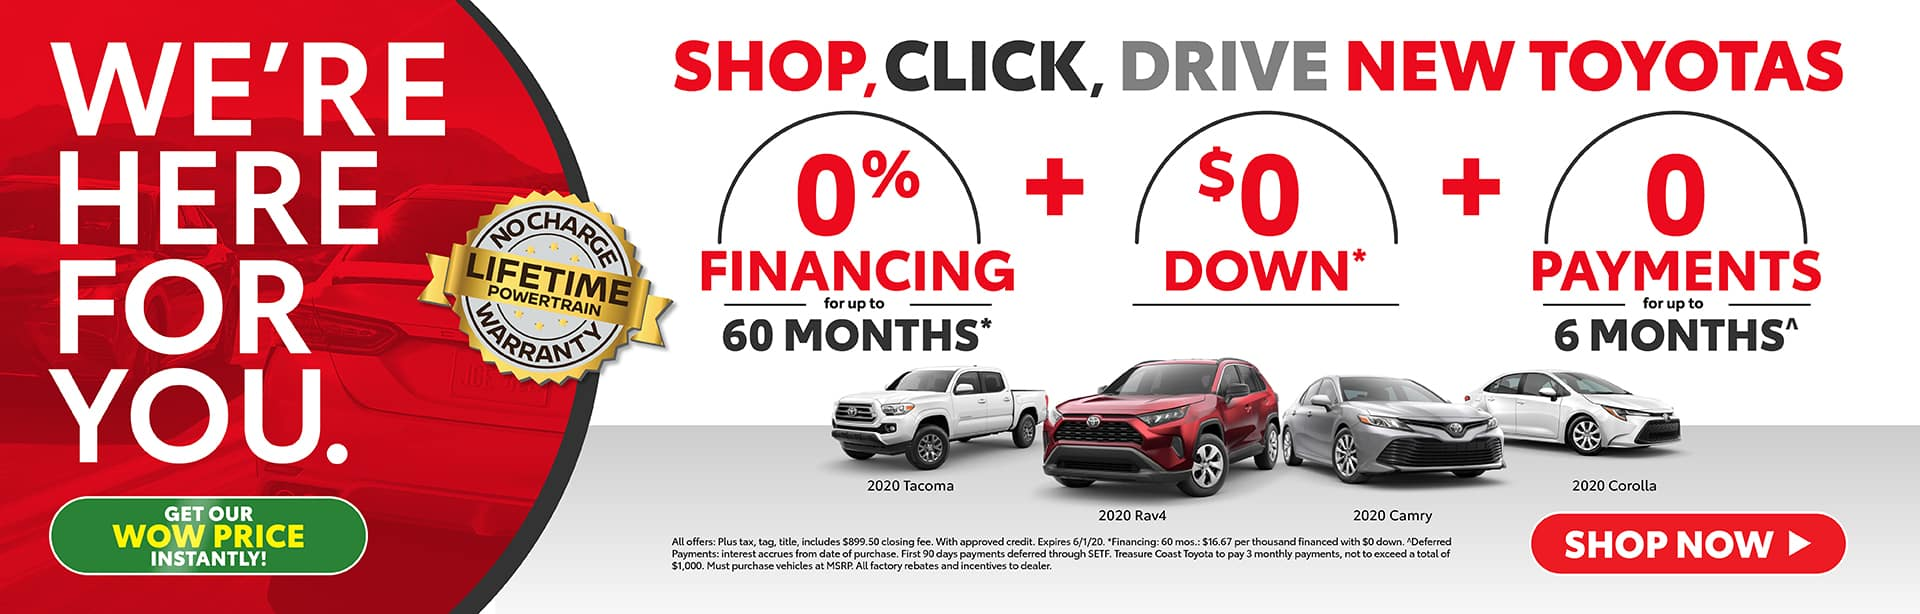 Shop, Click, Drive New Toyotas